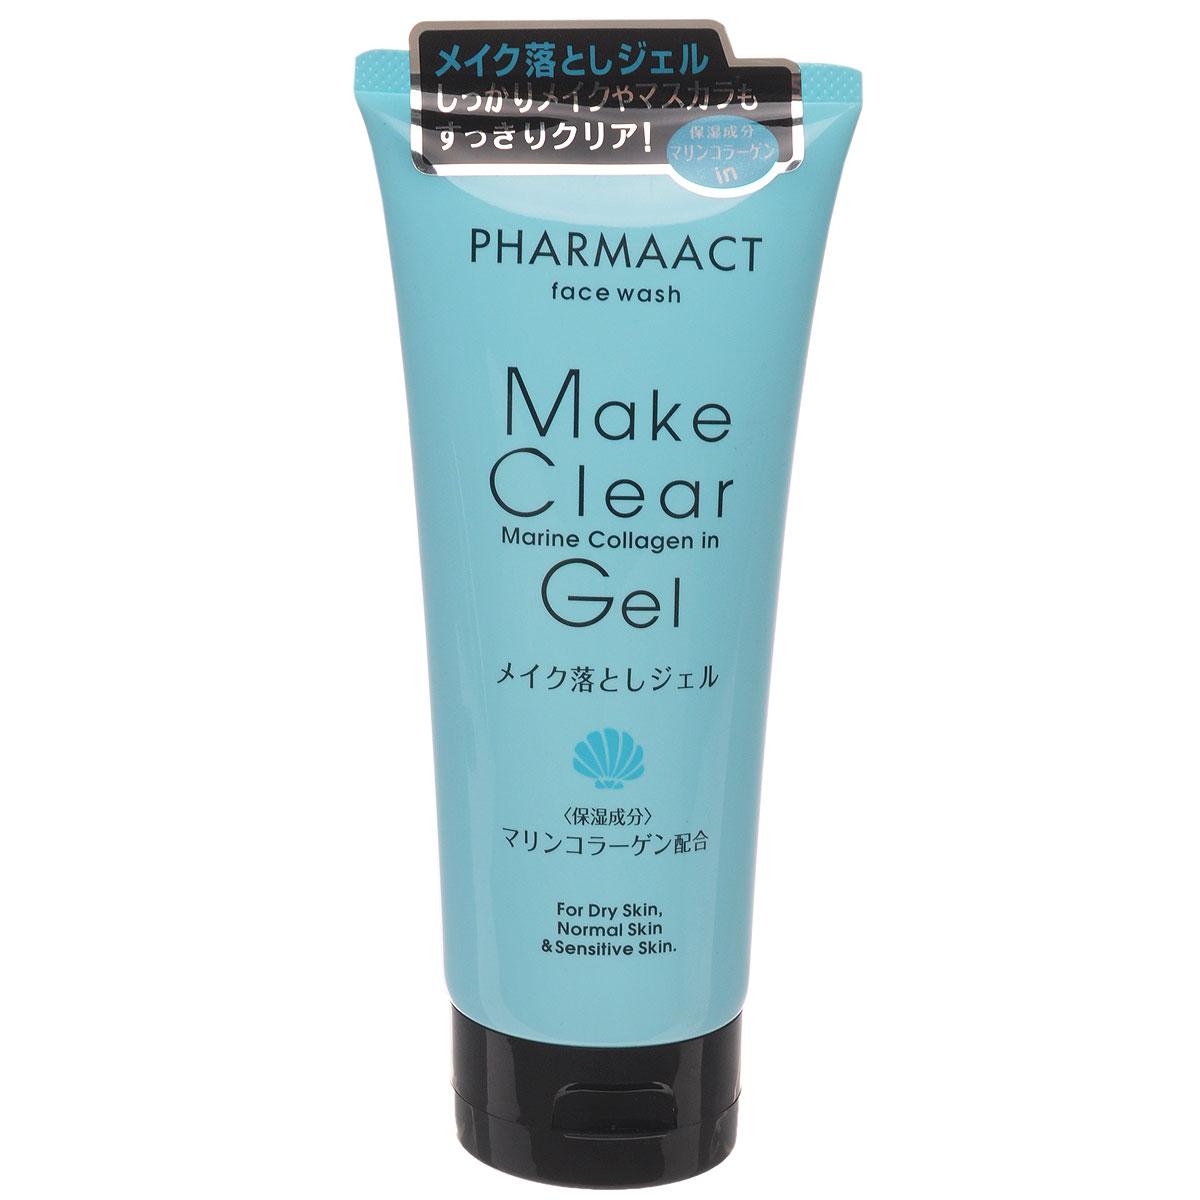 Гель Kumano Pharmaact для снятия макияжа, для нормальной, сухой и чувствительной кожи, 200 г012899Гель Kumano Pharmaact для снятия макияжа с морским коллагеном подходит для нормальной, сухой и чувствительной кожи. Хорошо удаляет макияж и тушь. Входящий в состав морской коллаген увлажняет кожу, оставляя приятное ощущение свежести. Способ применения : выдавите небольшое количество средства на руку, нанесите на влажное лицо, затем тщательно смойте теплой водой. Характеристики: Вес: 200 г. Артикул: KY-51. Производитель: Япония. Товар сертифицирован.